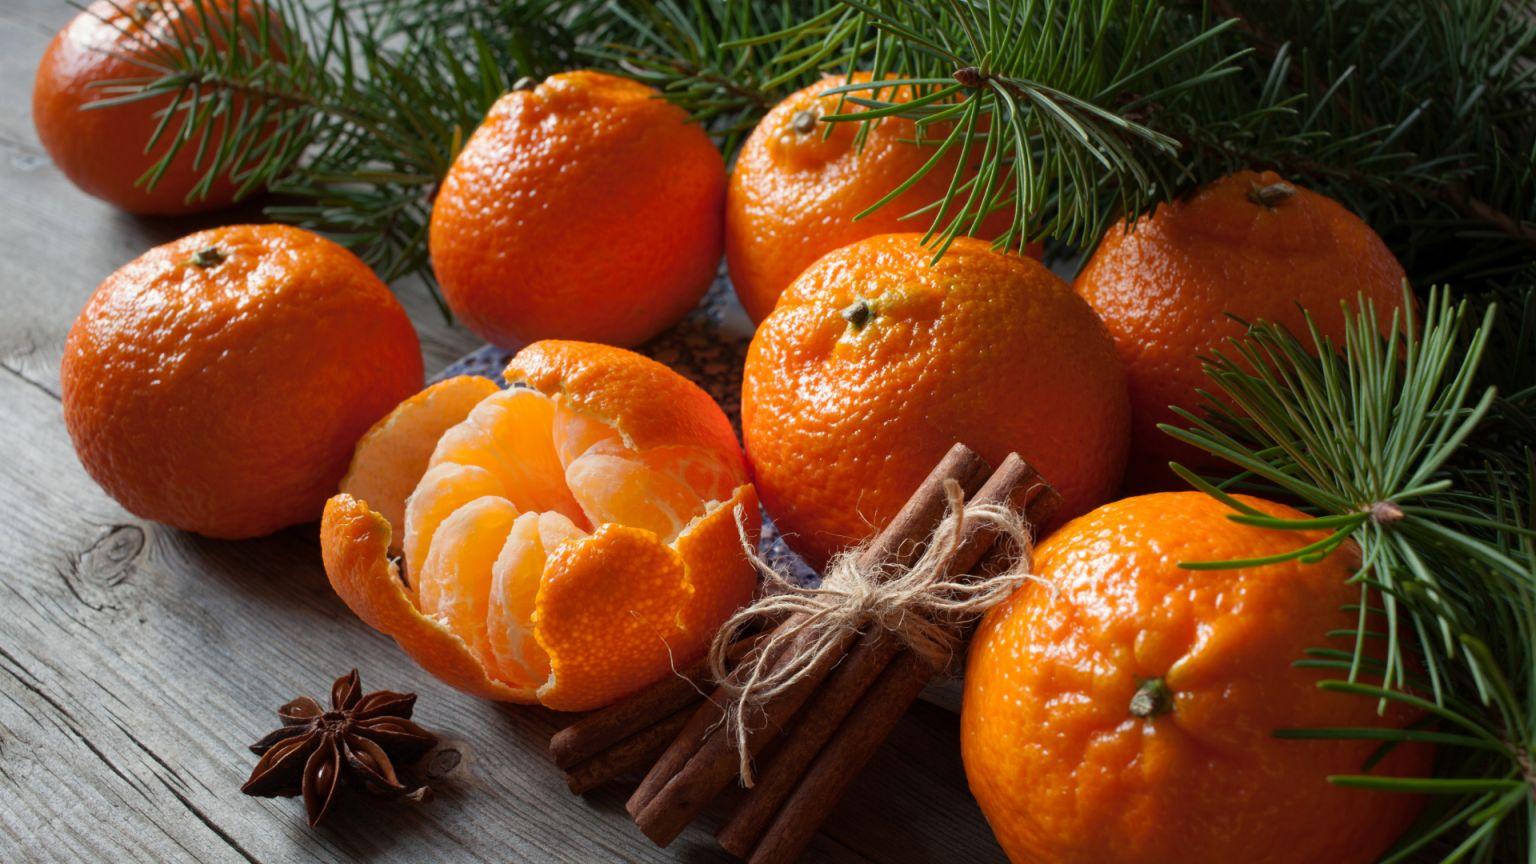 Эксперты призывают ограничить потребление мандаринов в праздники